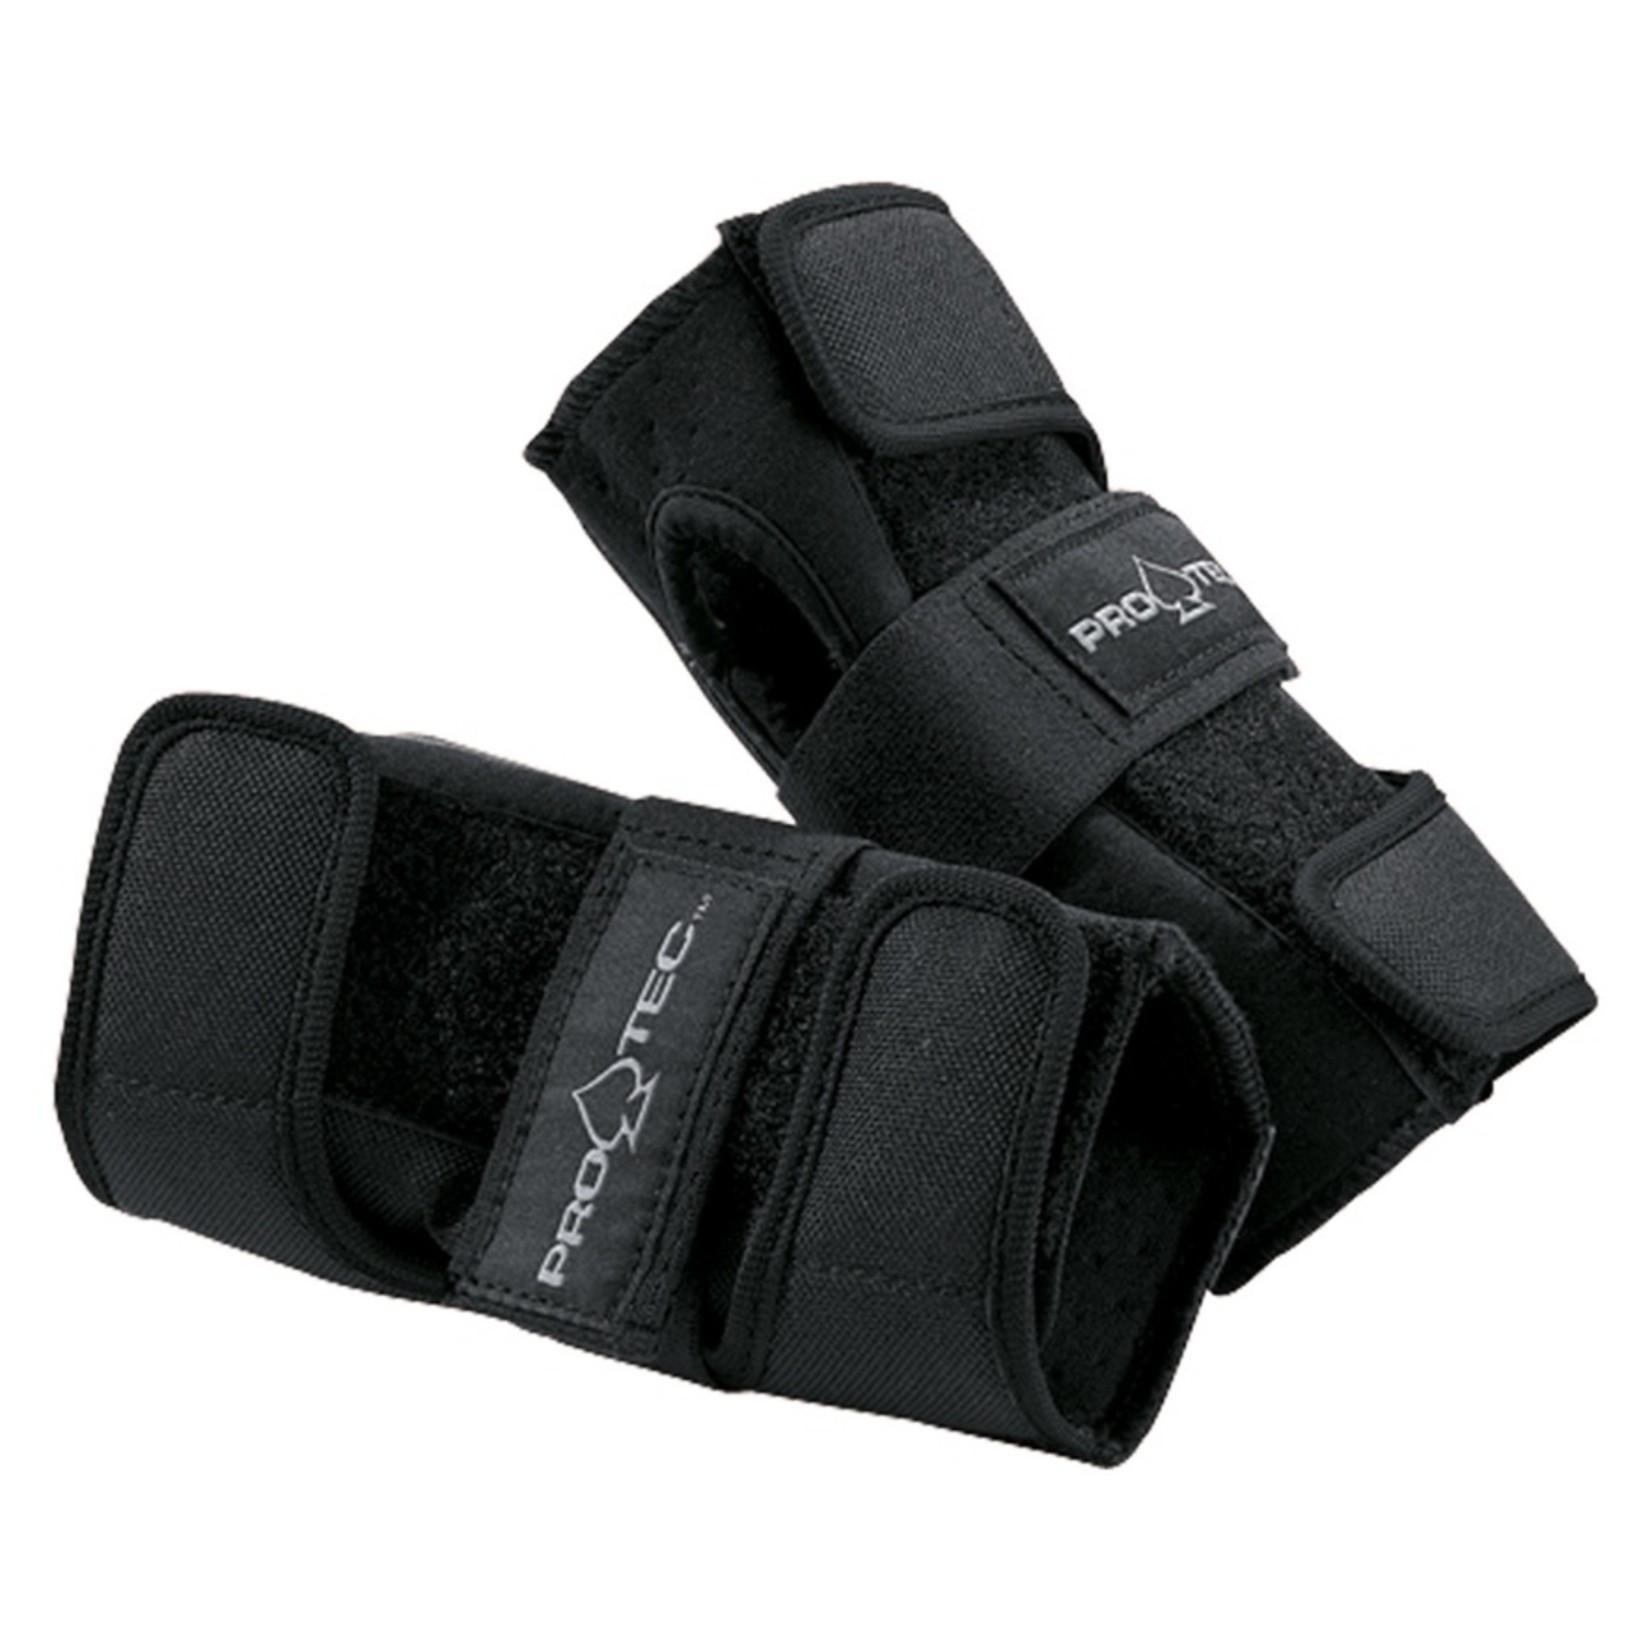 Pro-Tec Pro-Tec - Wrist Guards